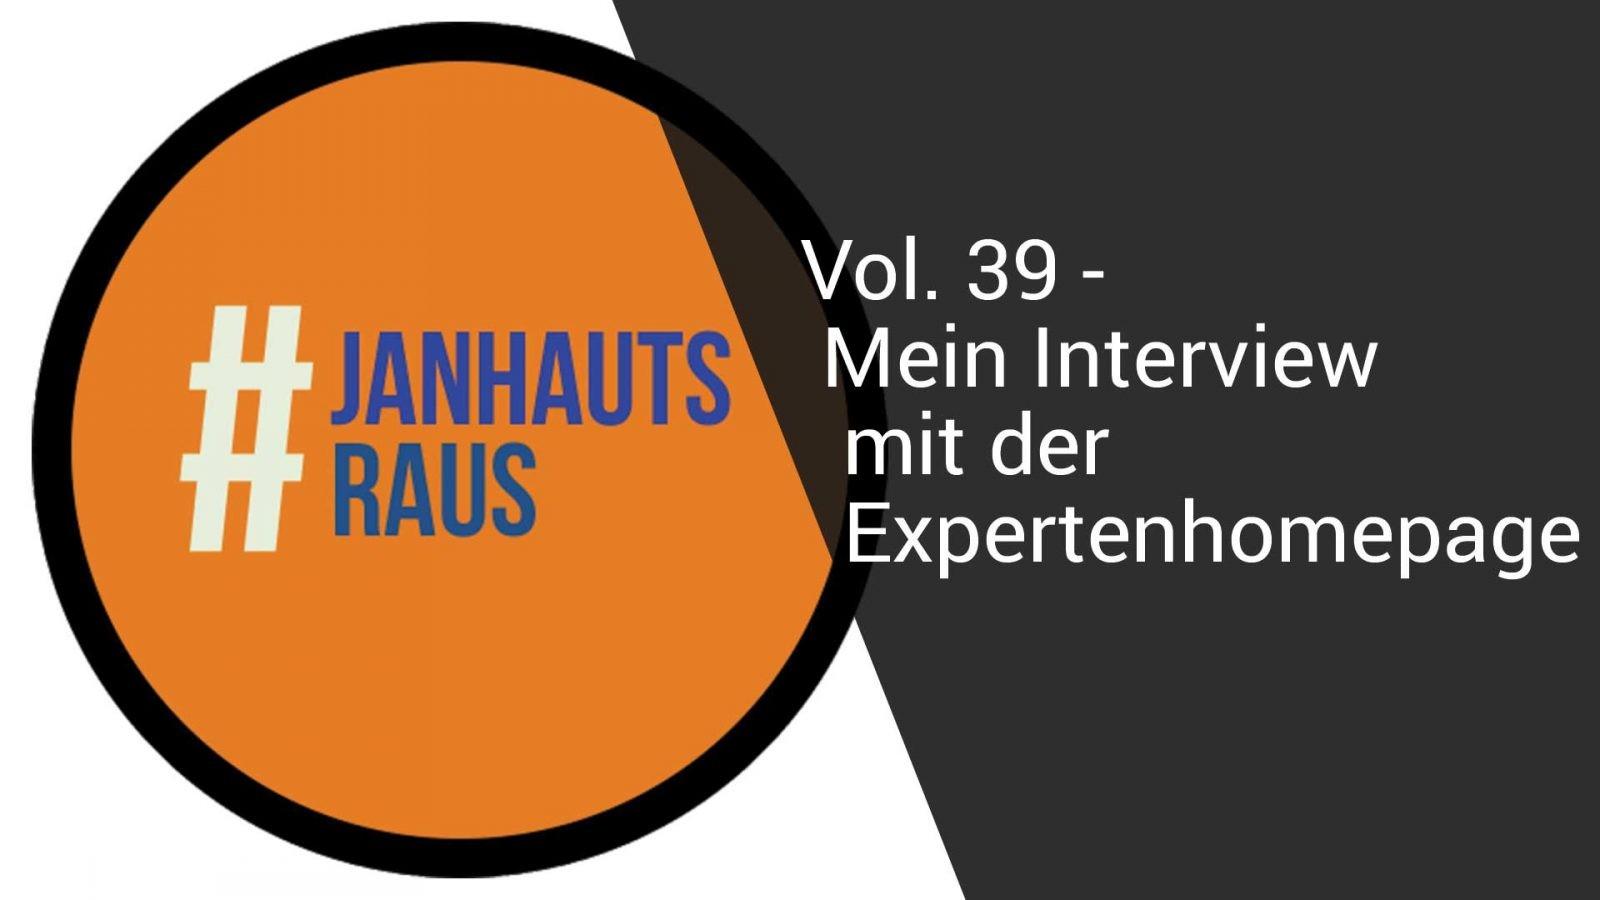 #janhautsraus - Vol. 39 - Mein Interview mit der Expertenhomepage